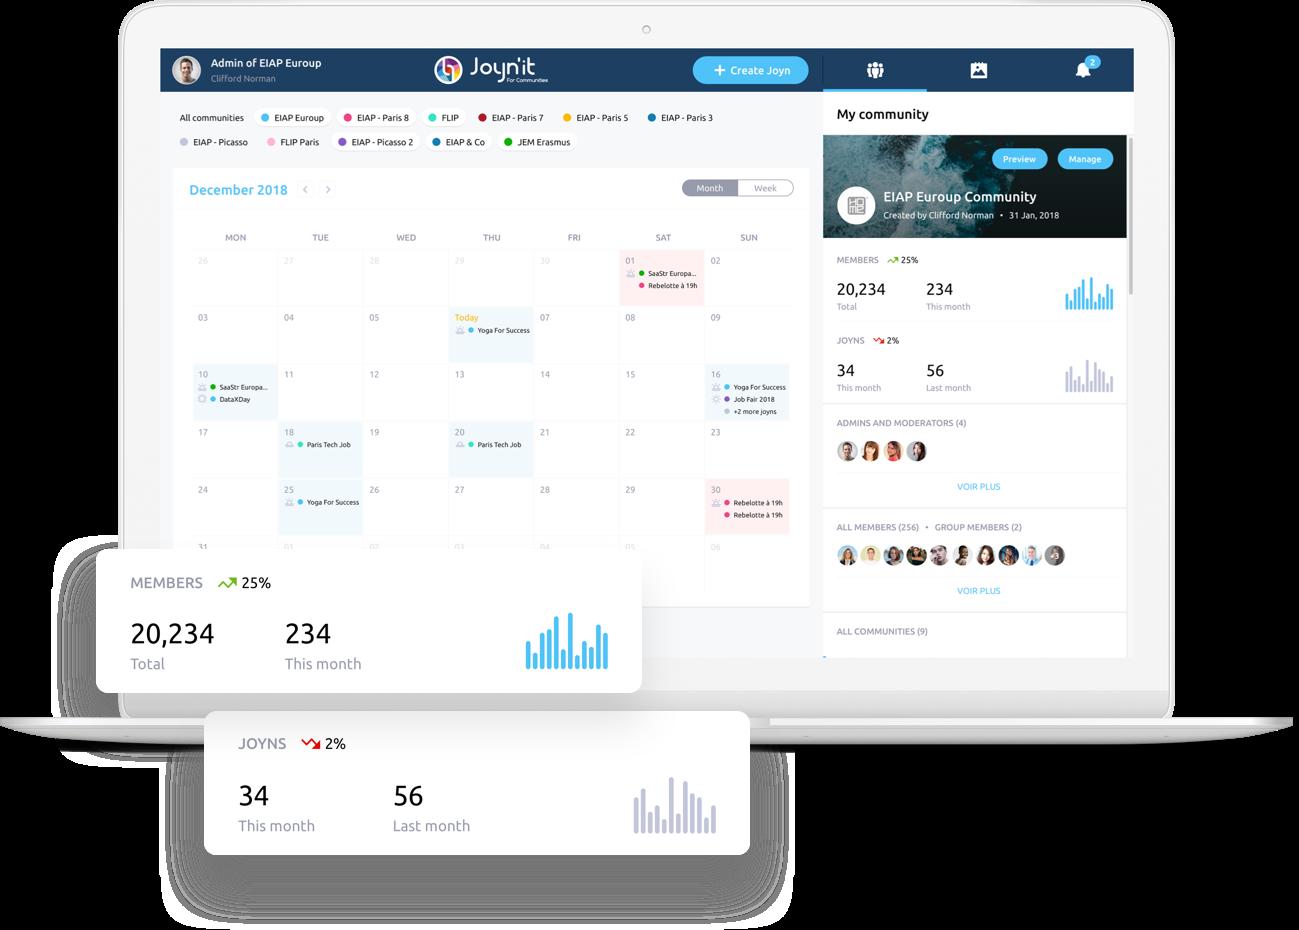 Joynit - calendrier de communauté en ligne